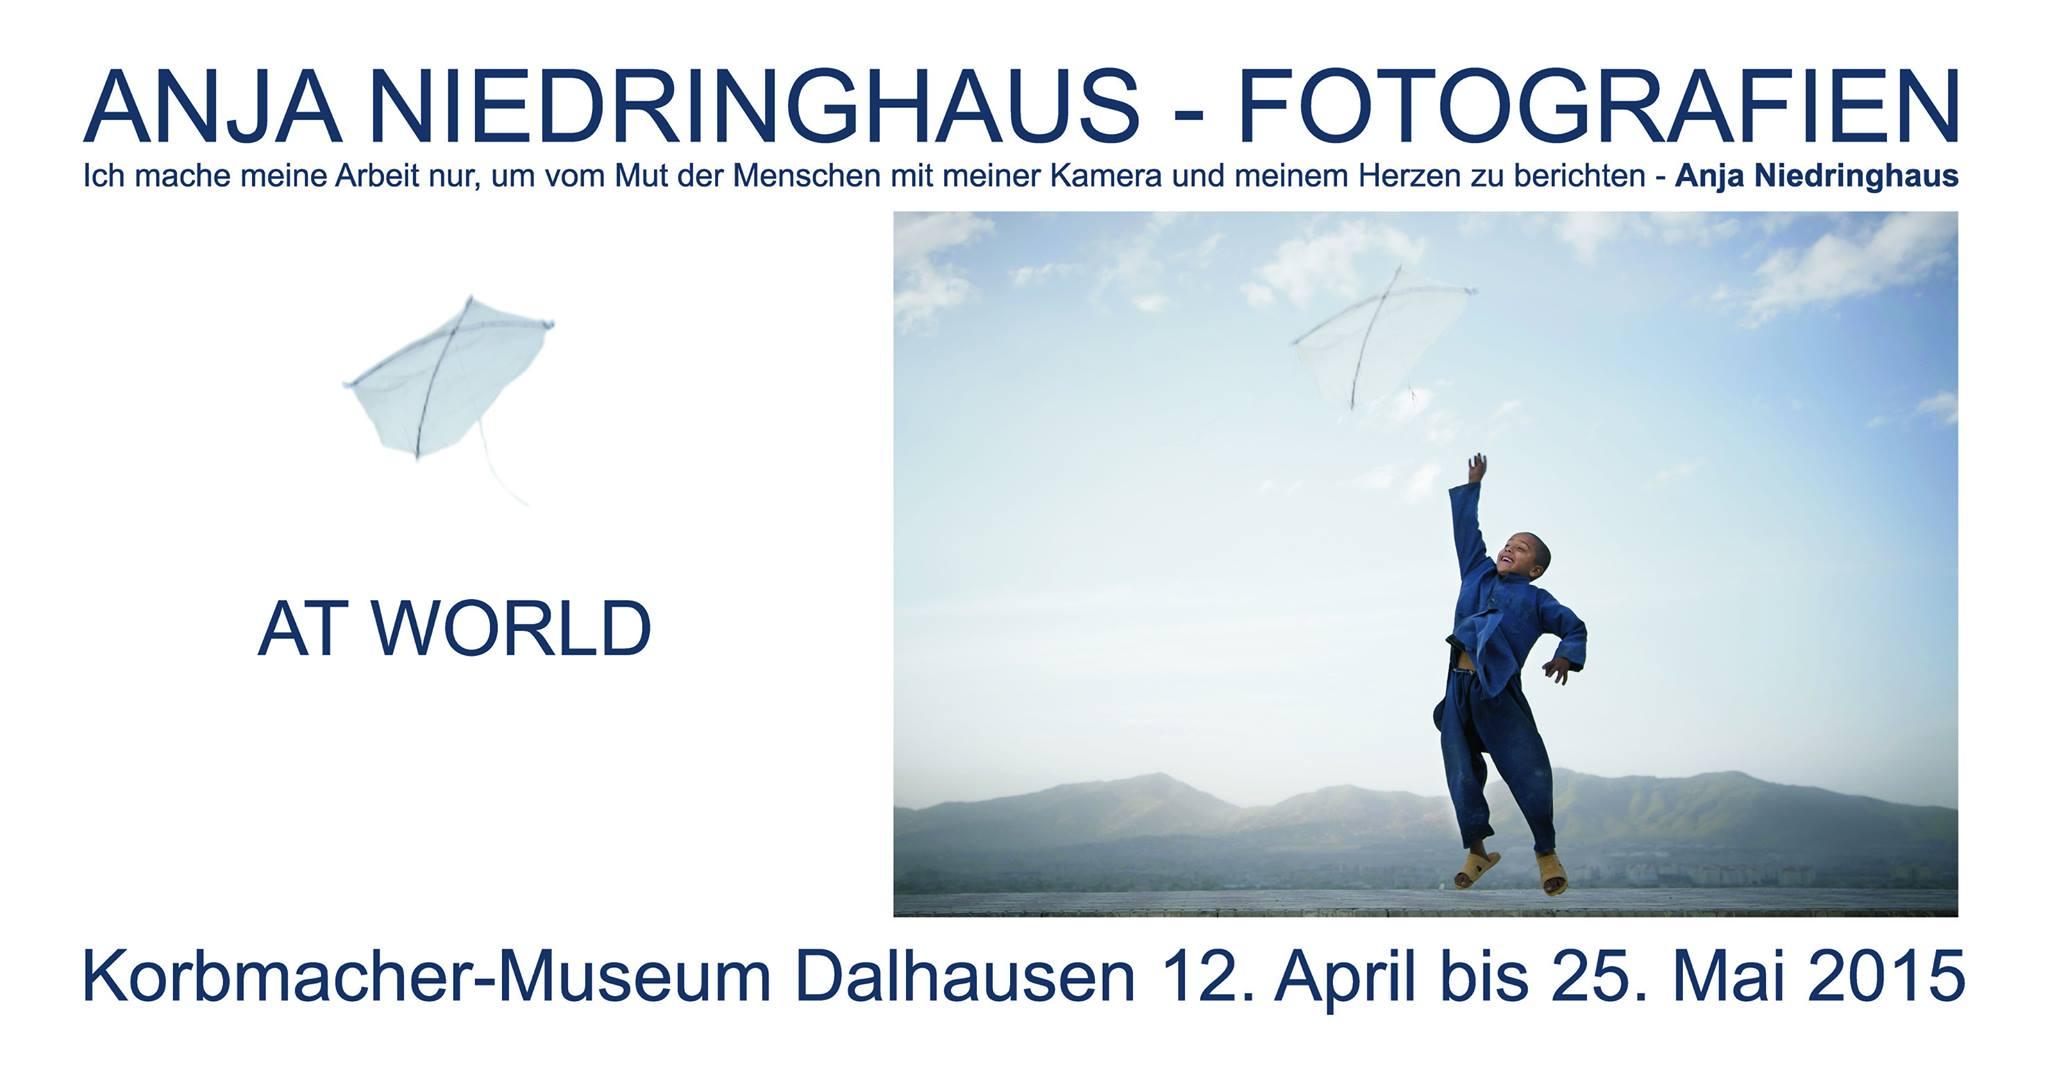 Sehenswert! Die Ausstellung AT WORLD von Anja Niedringhaus im Korbmacher-Museum Dalhausen